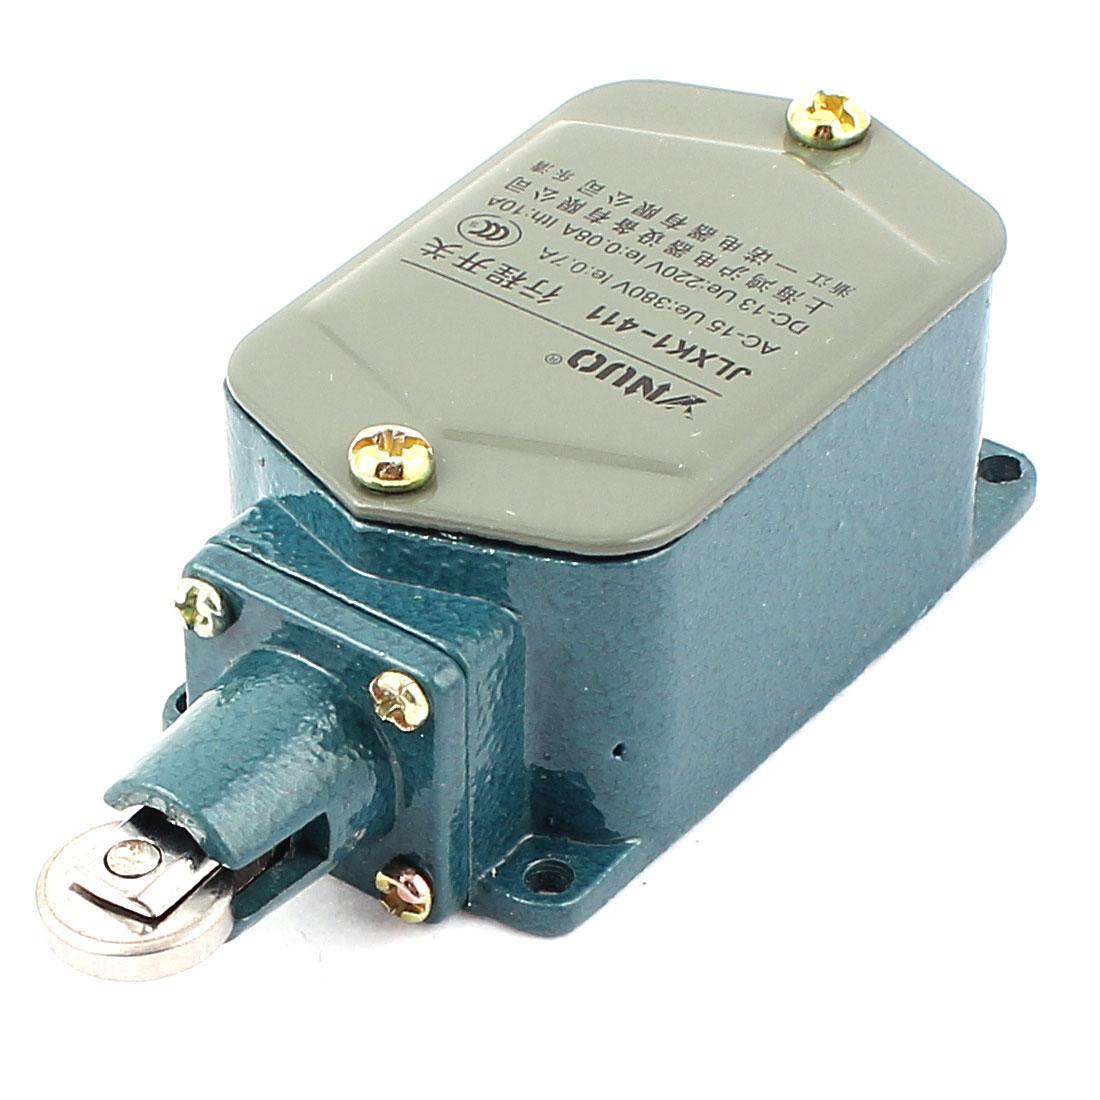 JLXK1-411 AC 380V DC 220V Push Type Parallel Roller Plunger SPDT Momentary Limit Switch